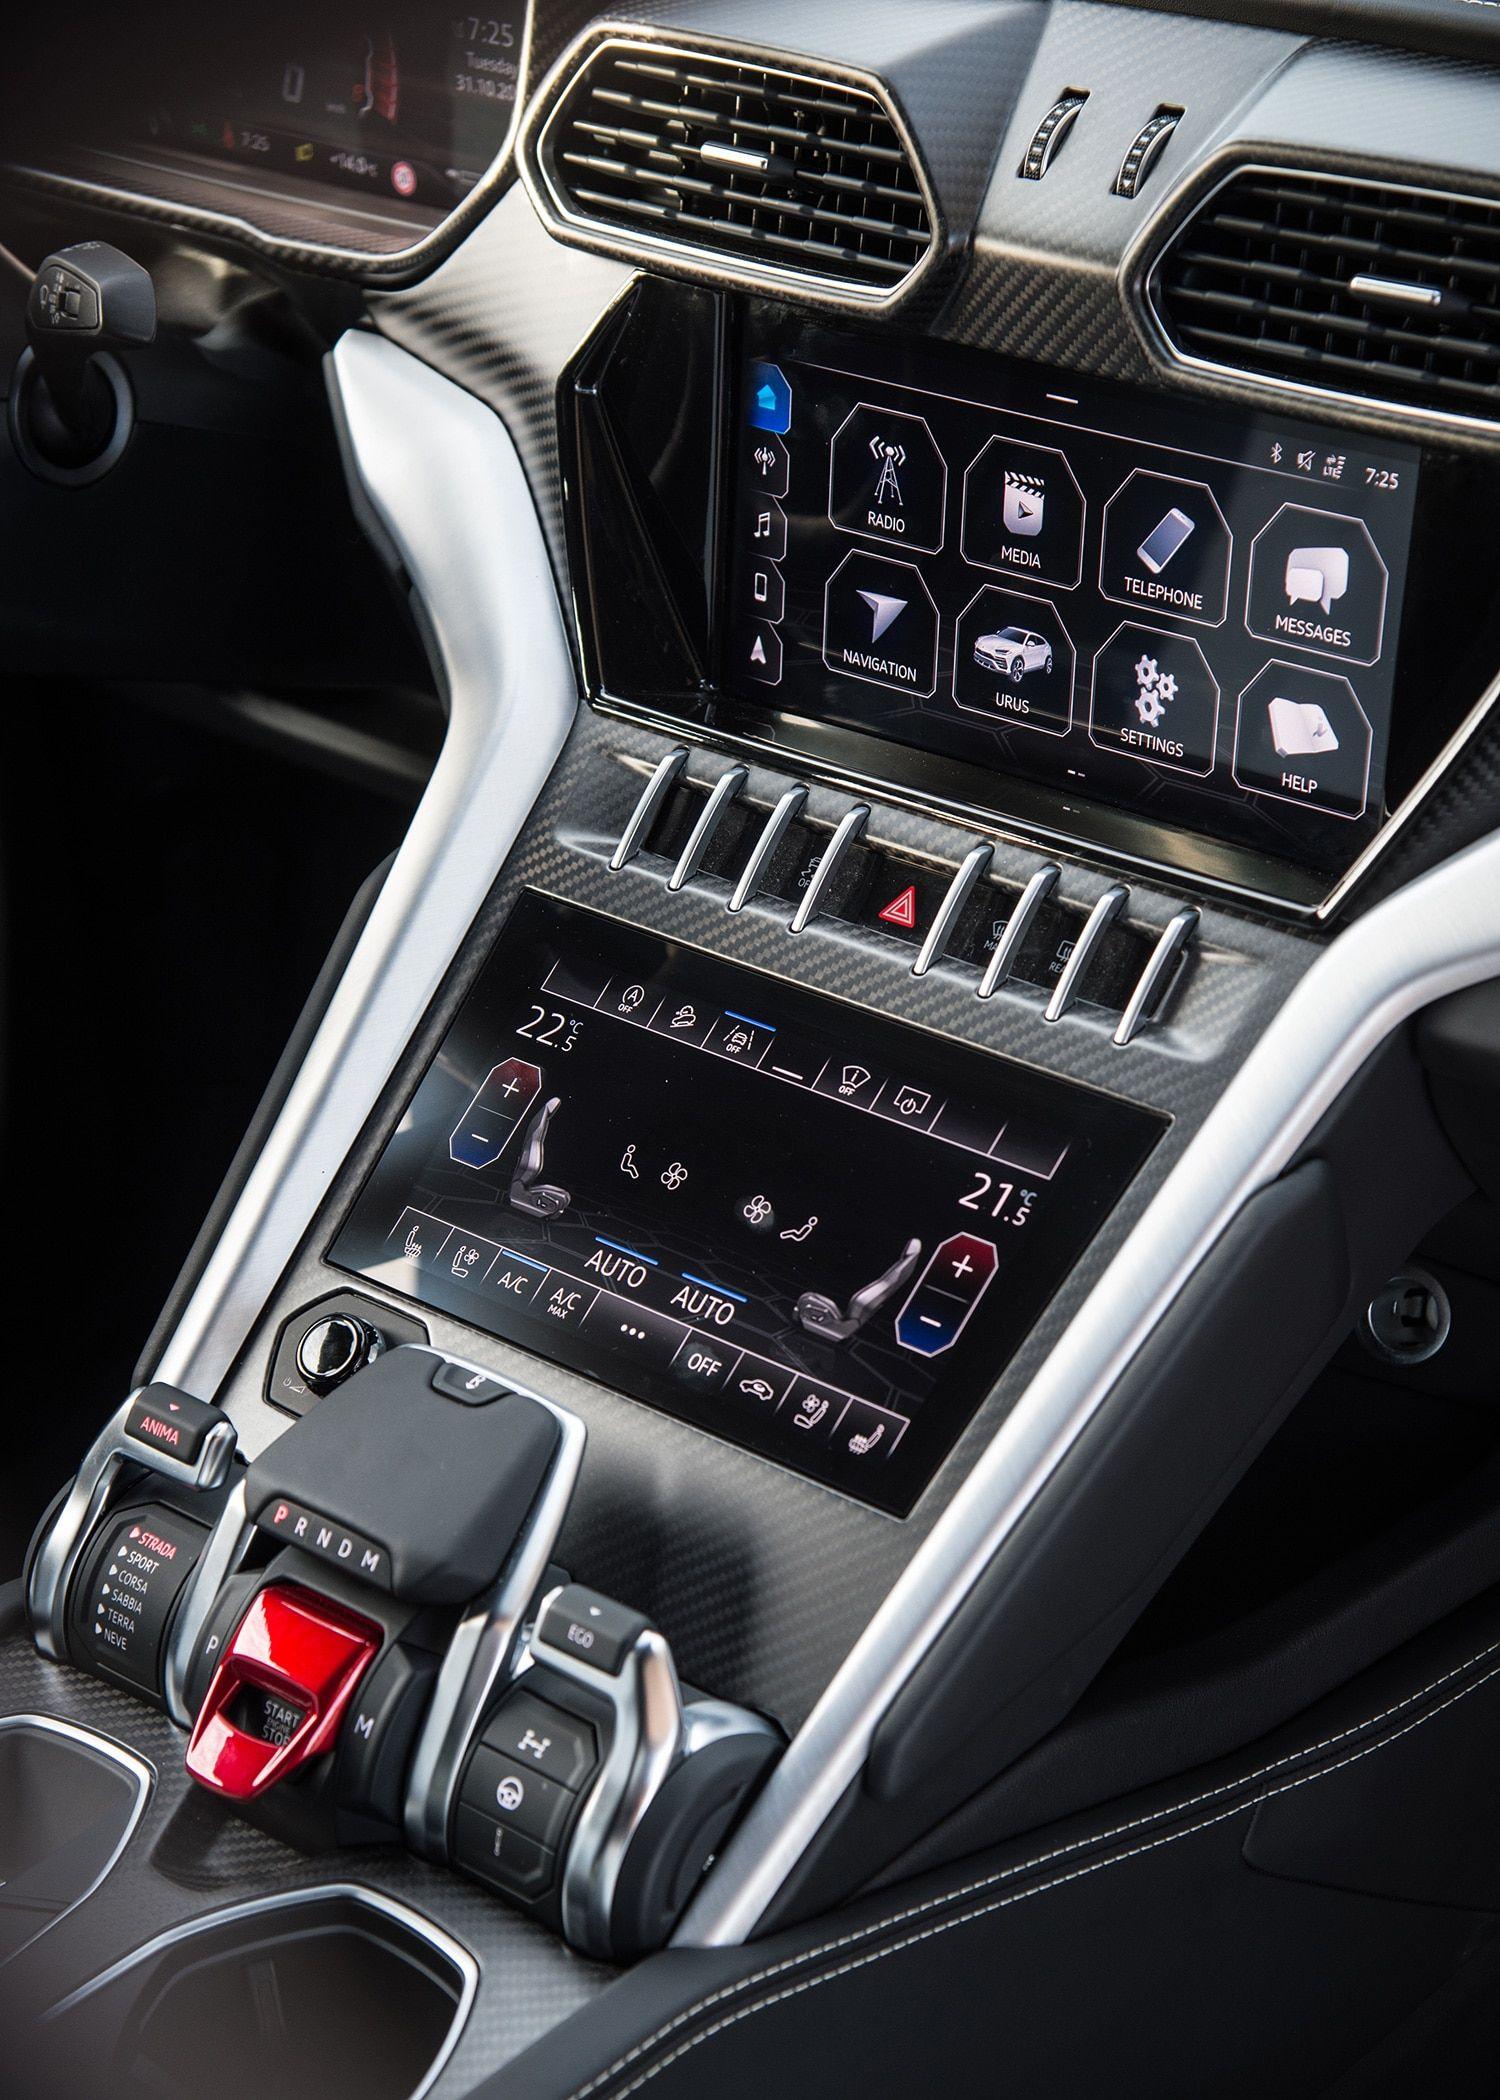 Mercedes Benz Interior 2019 G63 Amg Mercedes Suv Mercedes G Wagon Mercedes Benz Interior